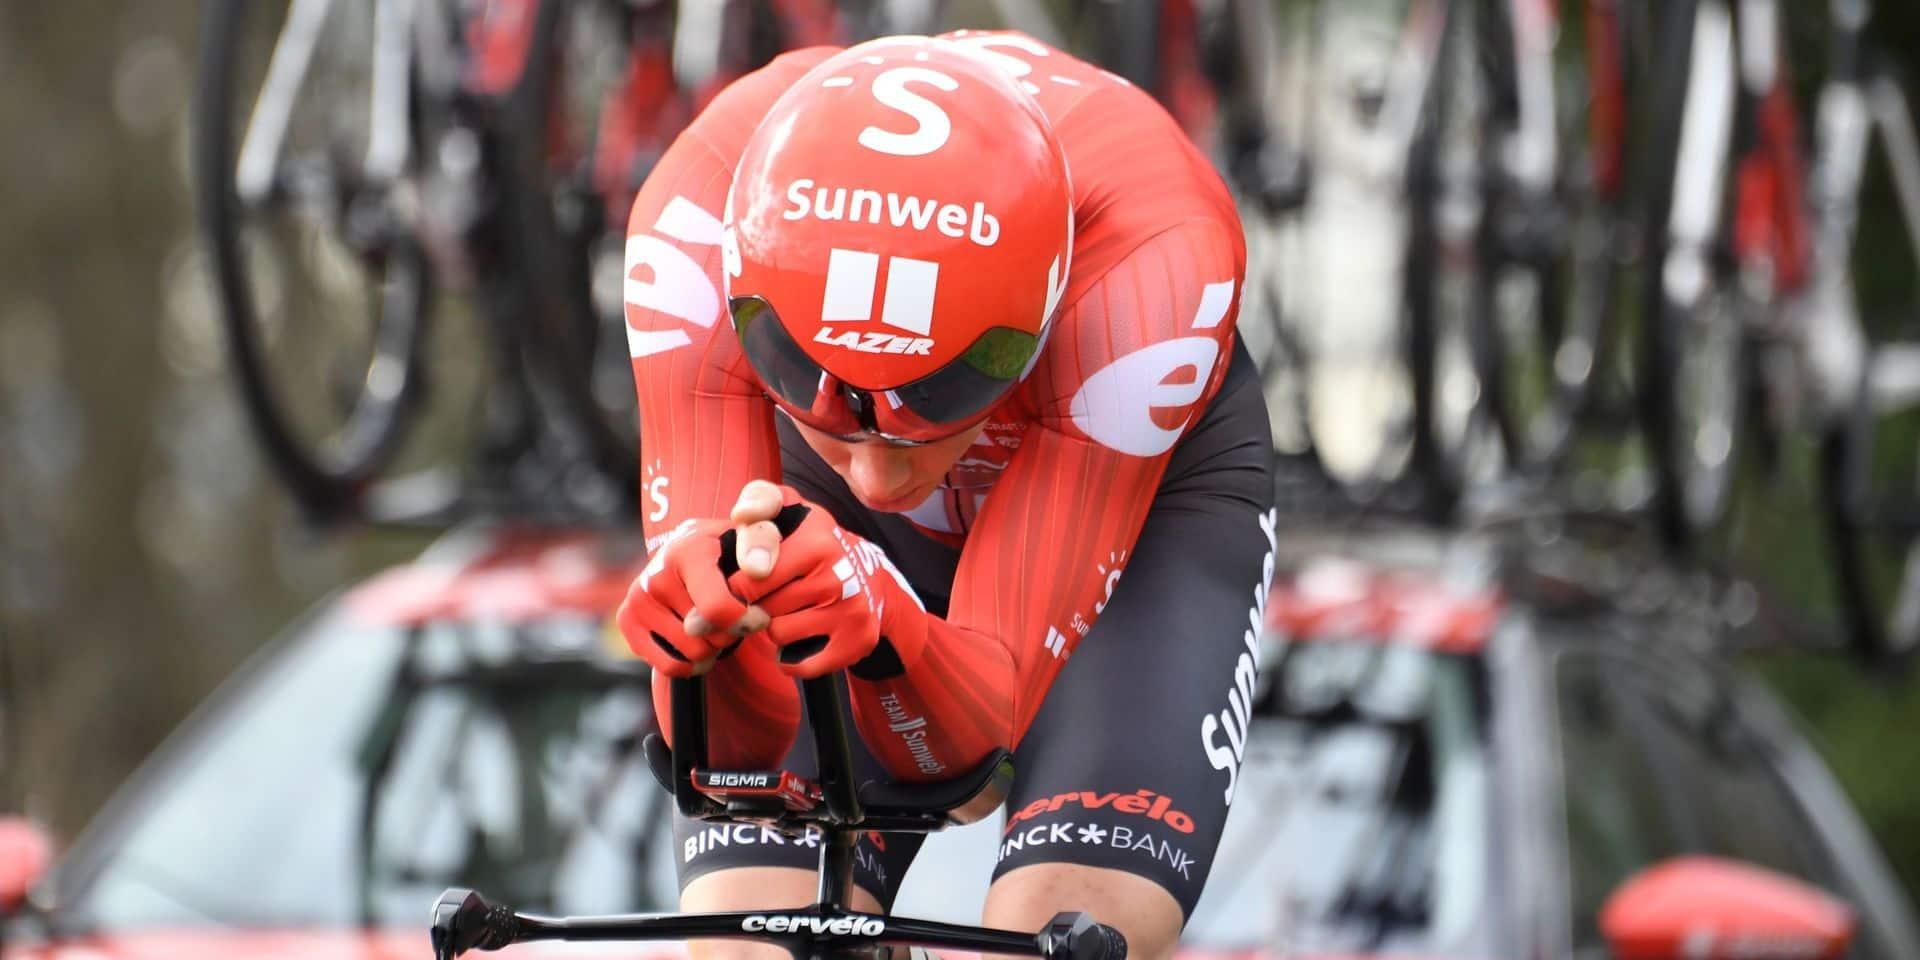 Paris-Nice: Soren Kragh Andersen remporte le chrono, deux Belges dans le top 10